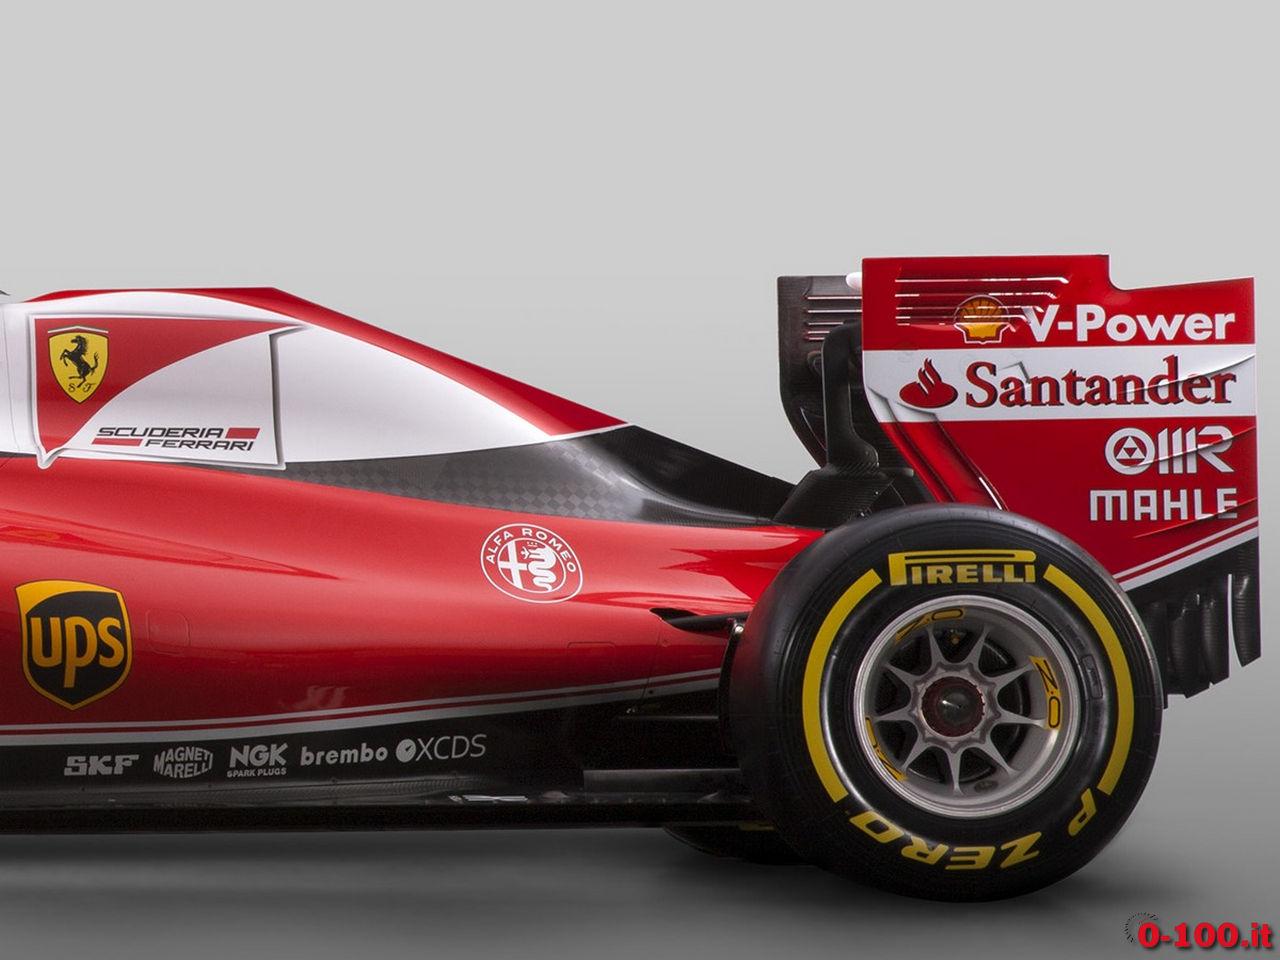 fia-formula-1-2016-ferrari-sf16-h-vettel-raikkonen_0-100_15